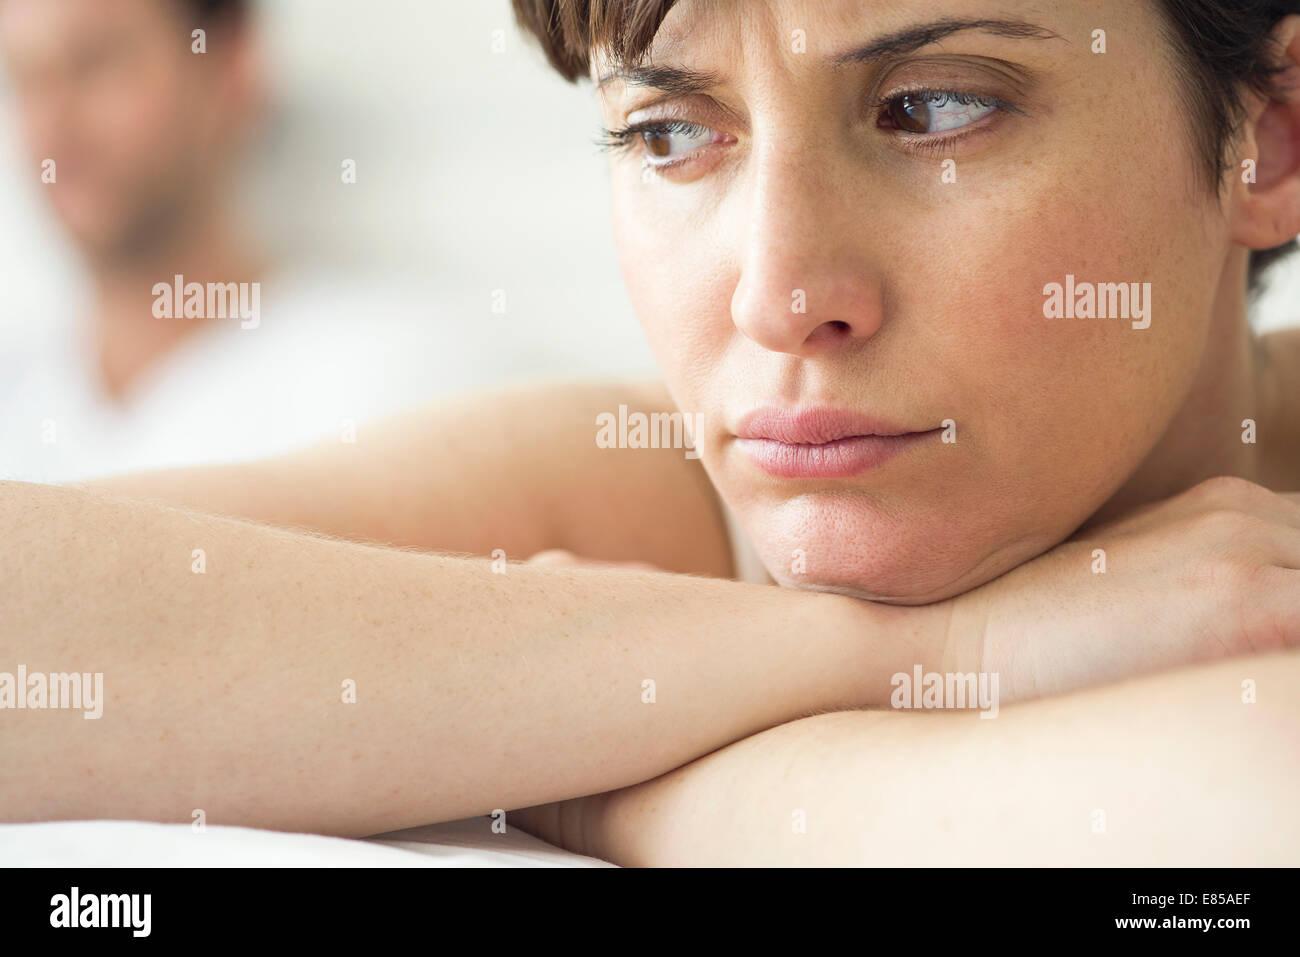 Frau wütend und verärgert nach Streit mit Ehemann Stockbild